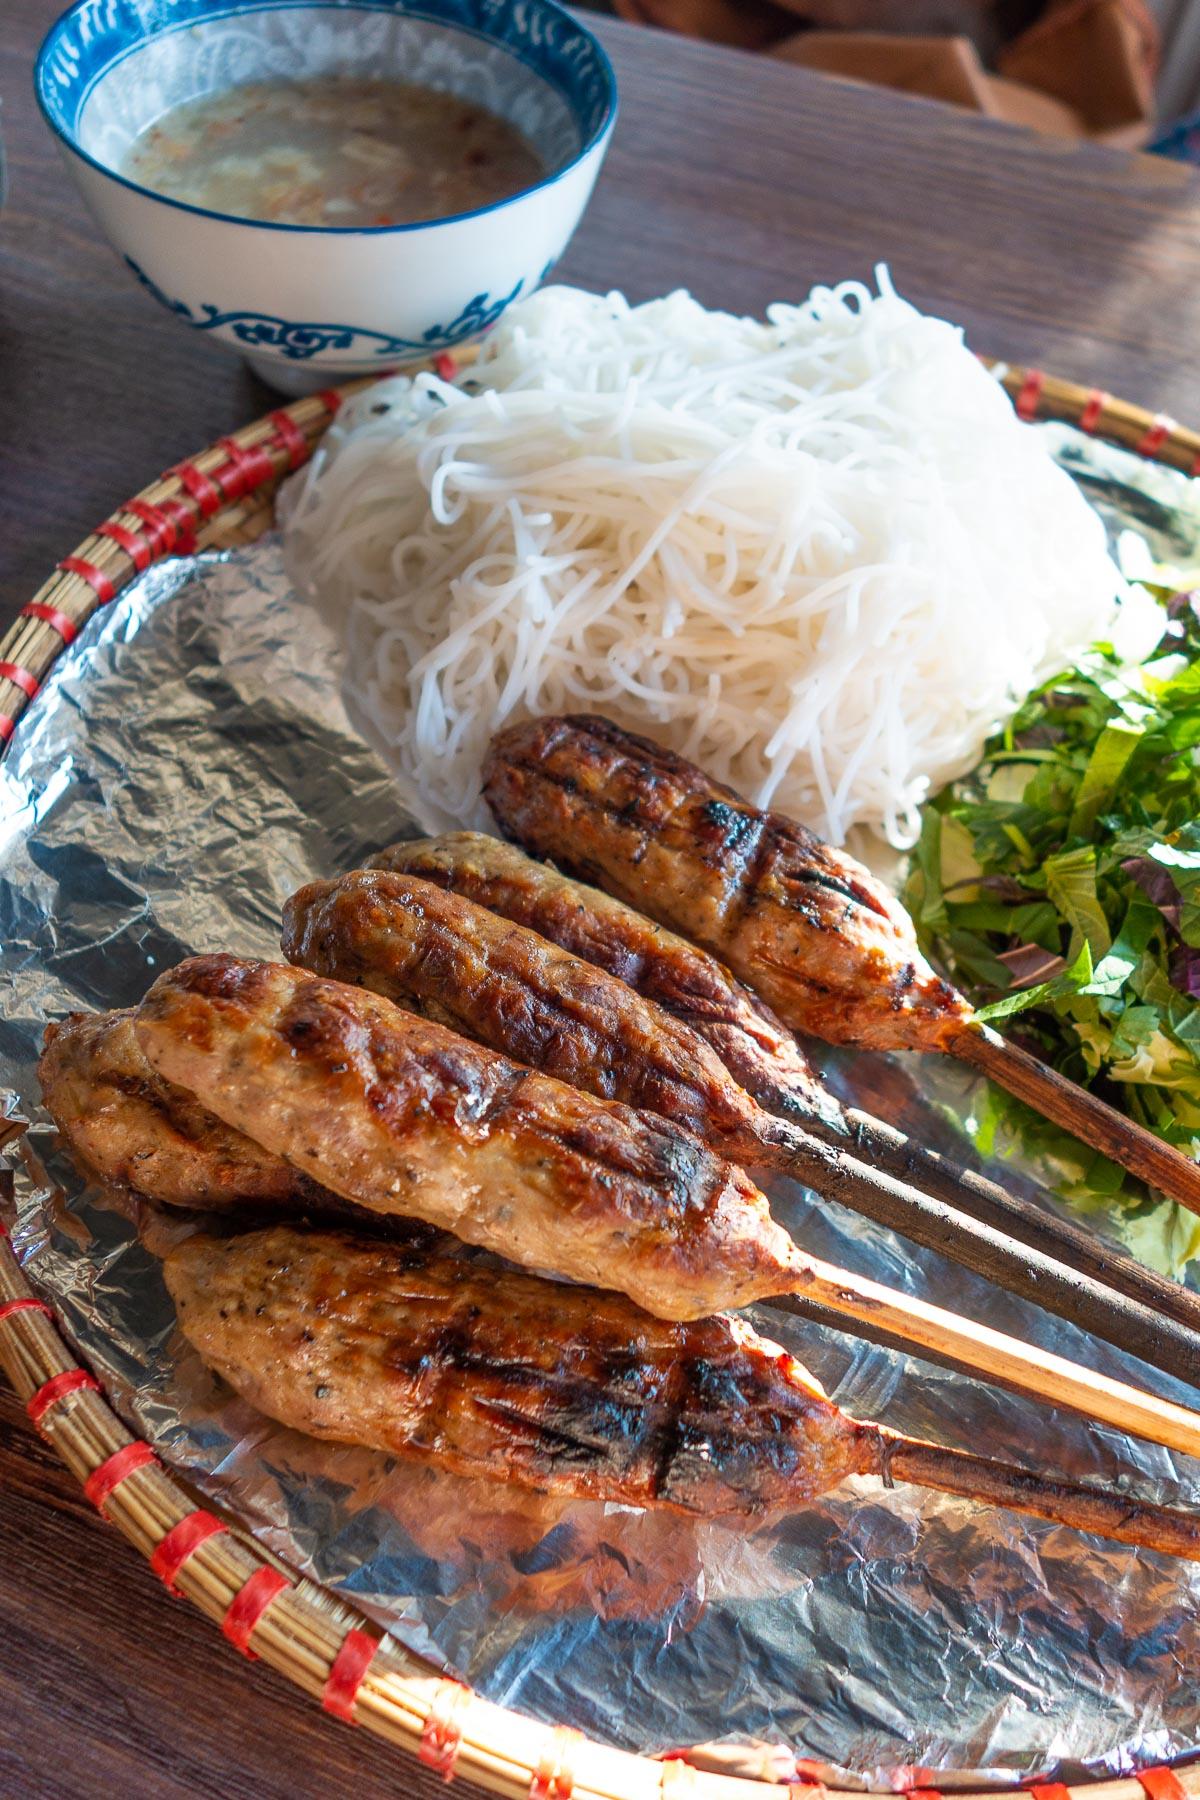 nem lụi (szaszłyki)